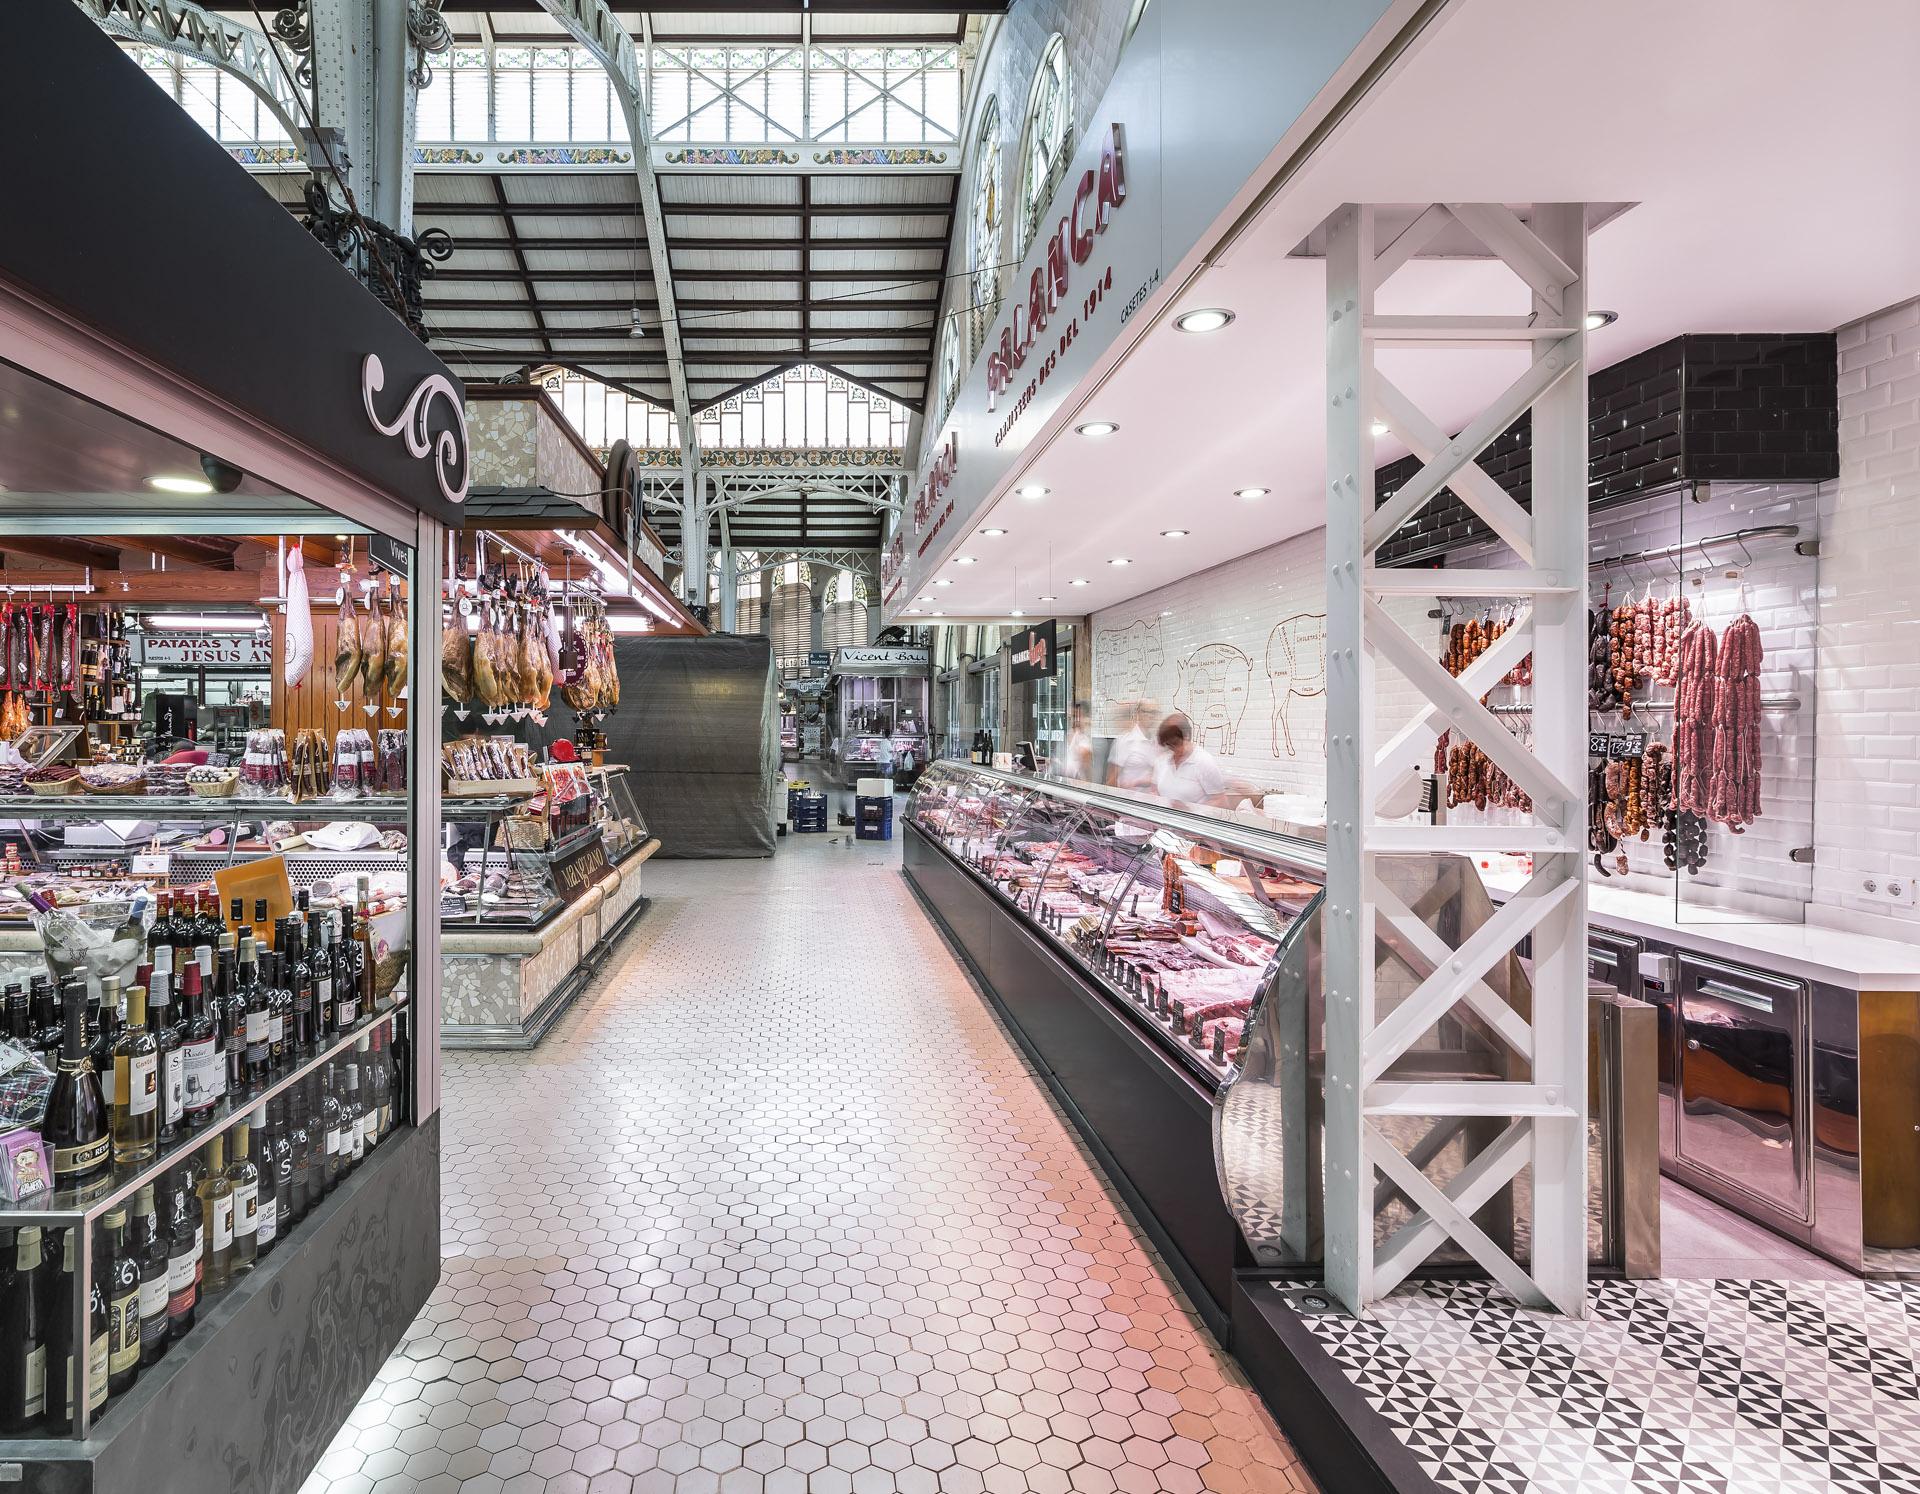 Palanca Carnicería. Puesto en el Mercado Central de Valencia.